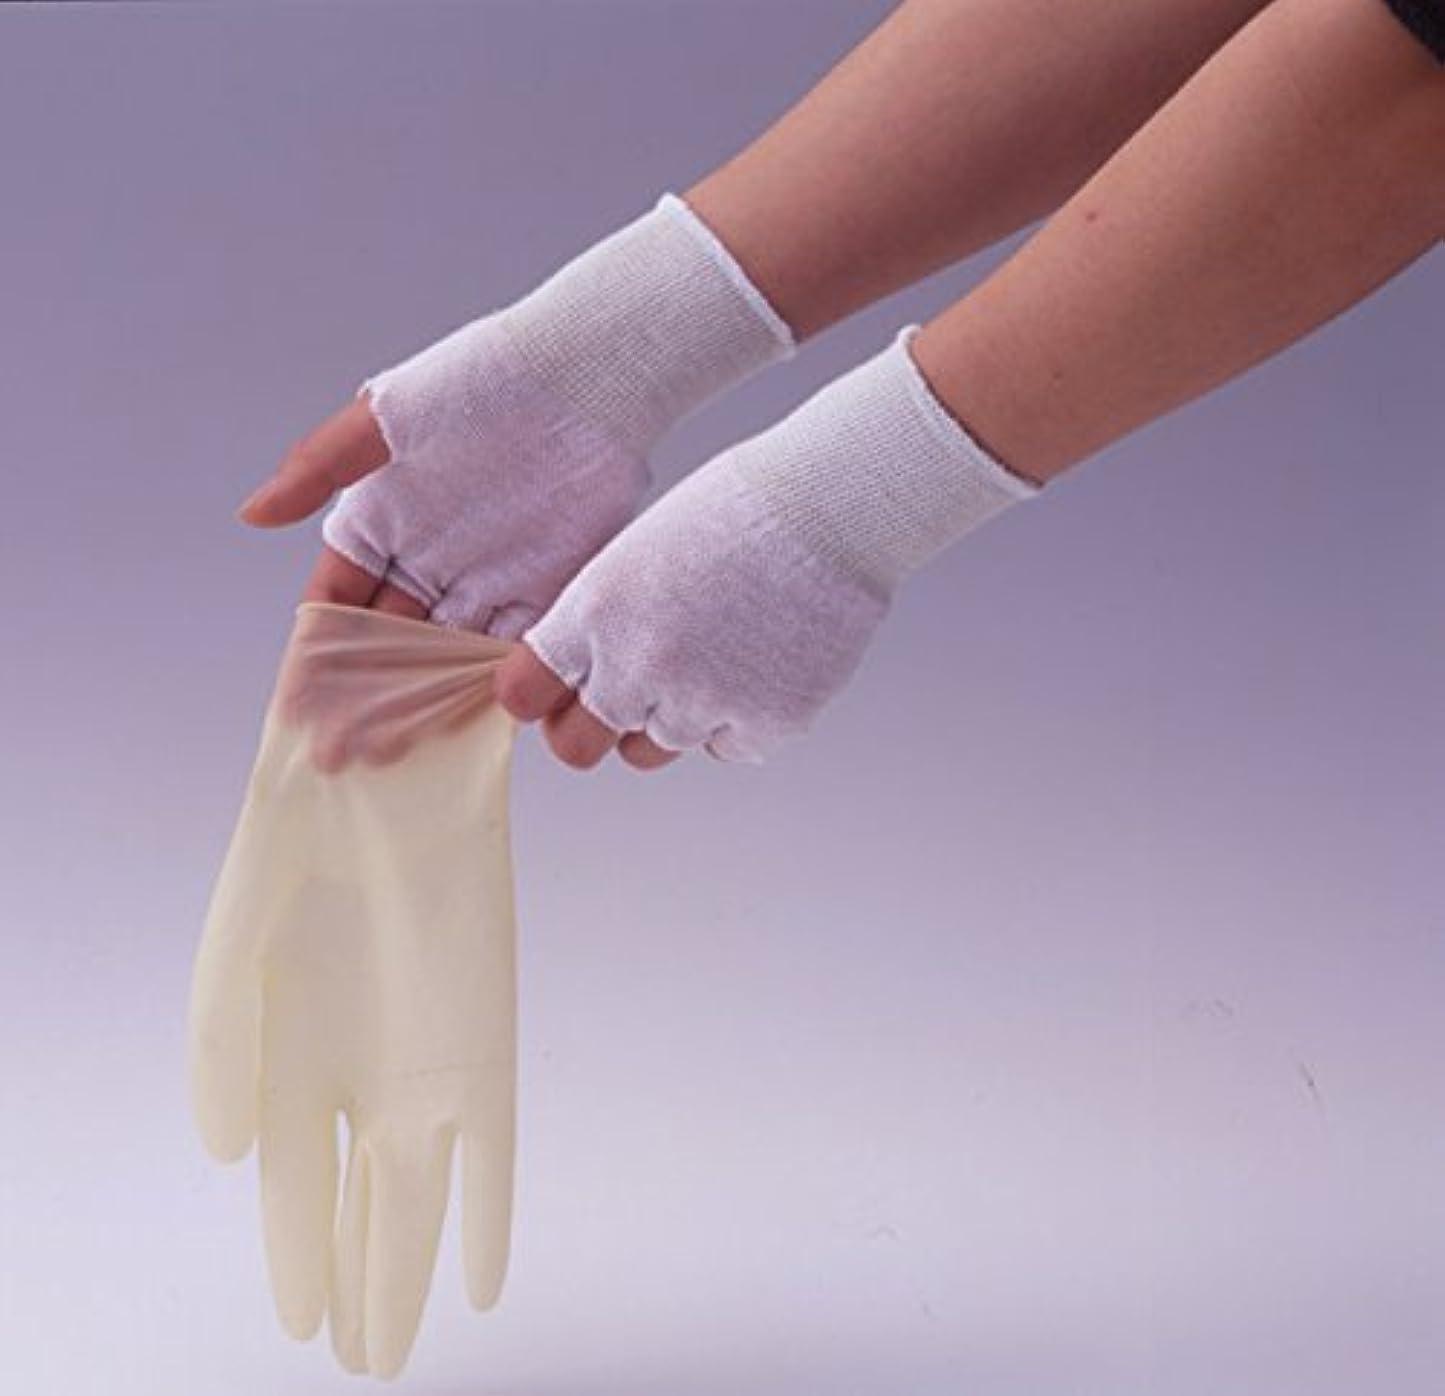 決定するプレゼンフィットネスやさしインナー手袋 (綿100%指なし) 200組/カートン 激安業務用パック